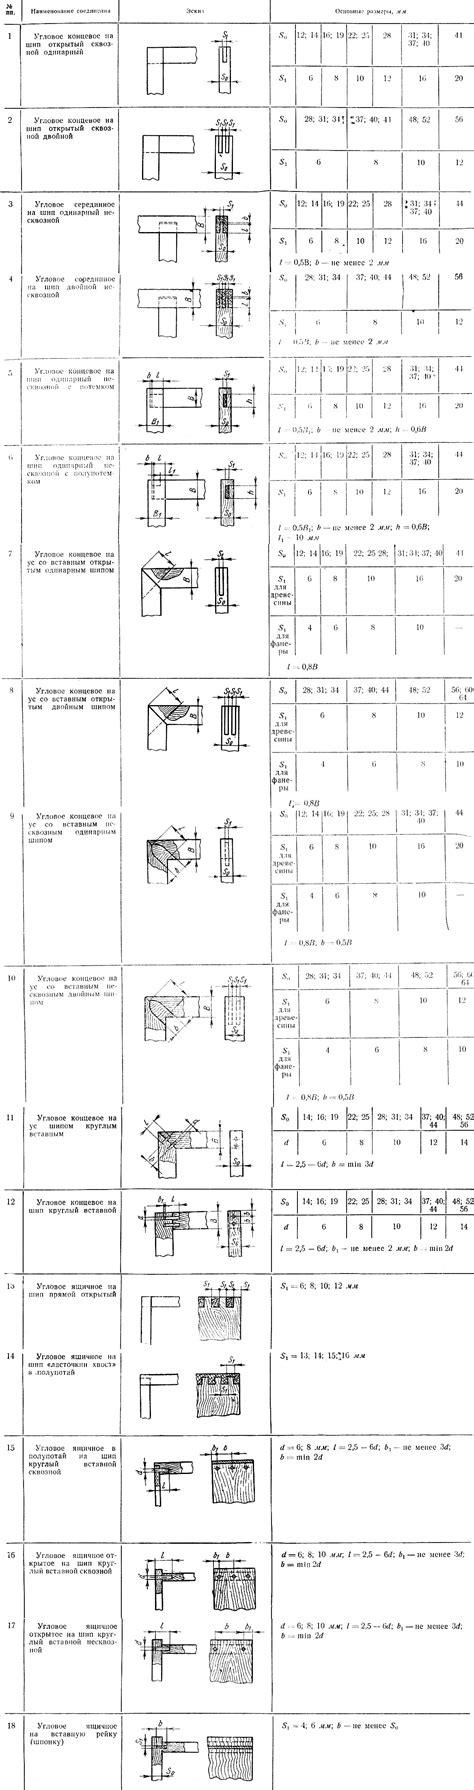 Таблица соединения сходных элементов